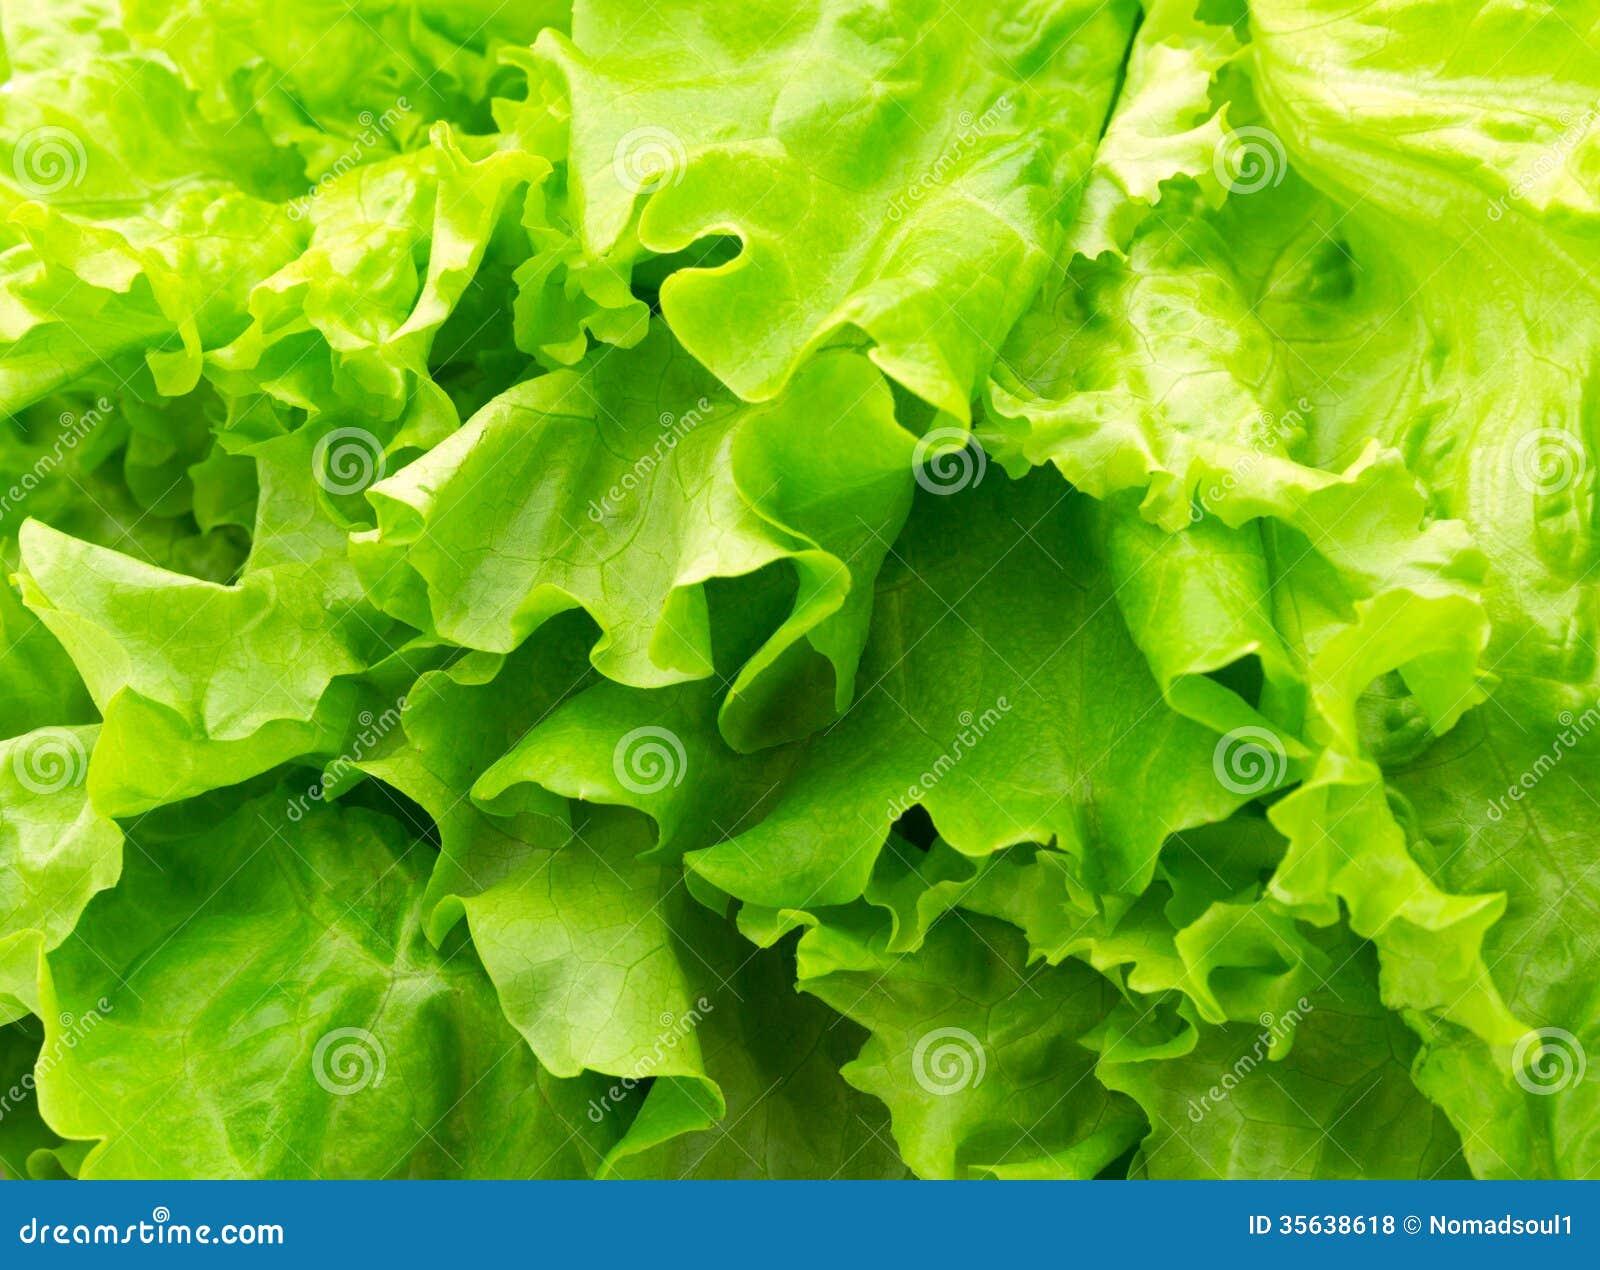 Green leaf lettuce. Close-up photo. Fresh vegetables.